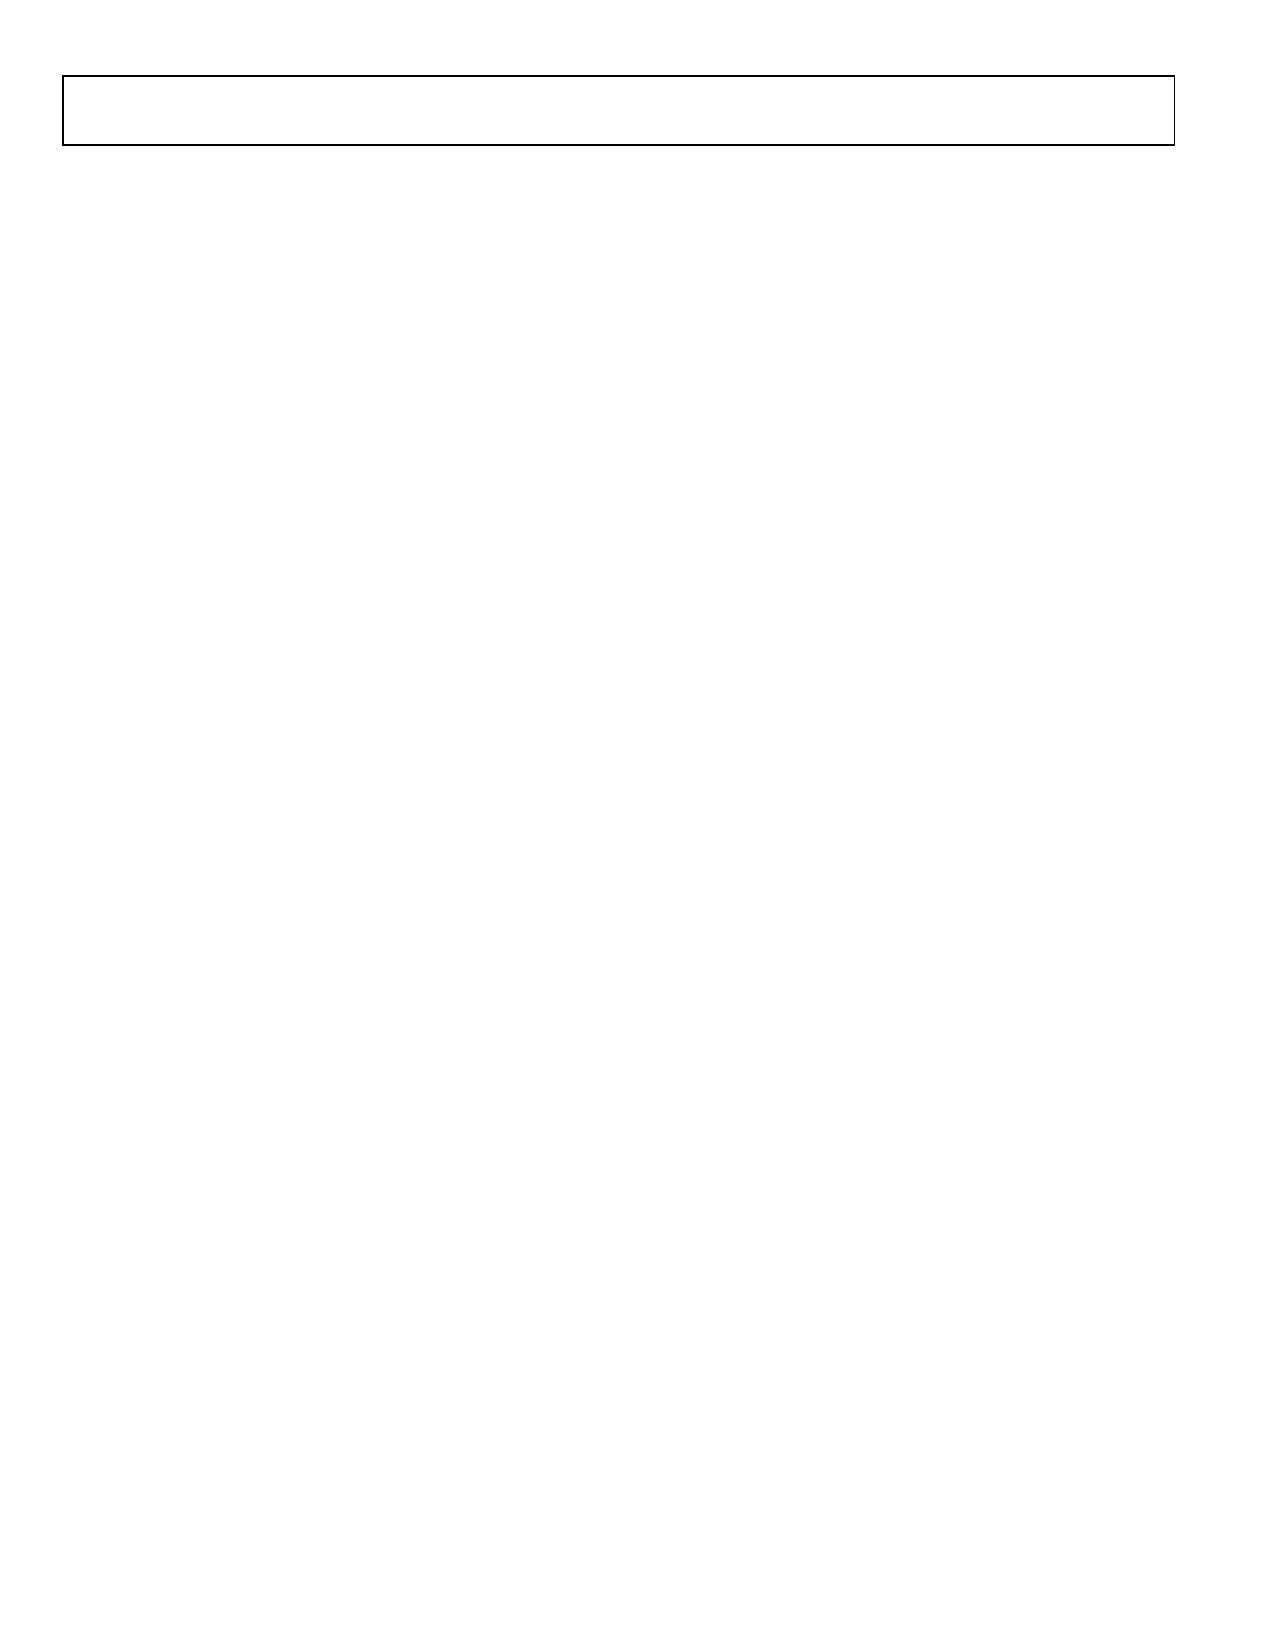 AD5555 Даташит, Описание, Даташиты